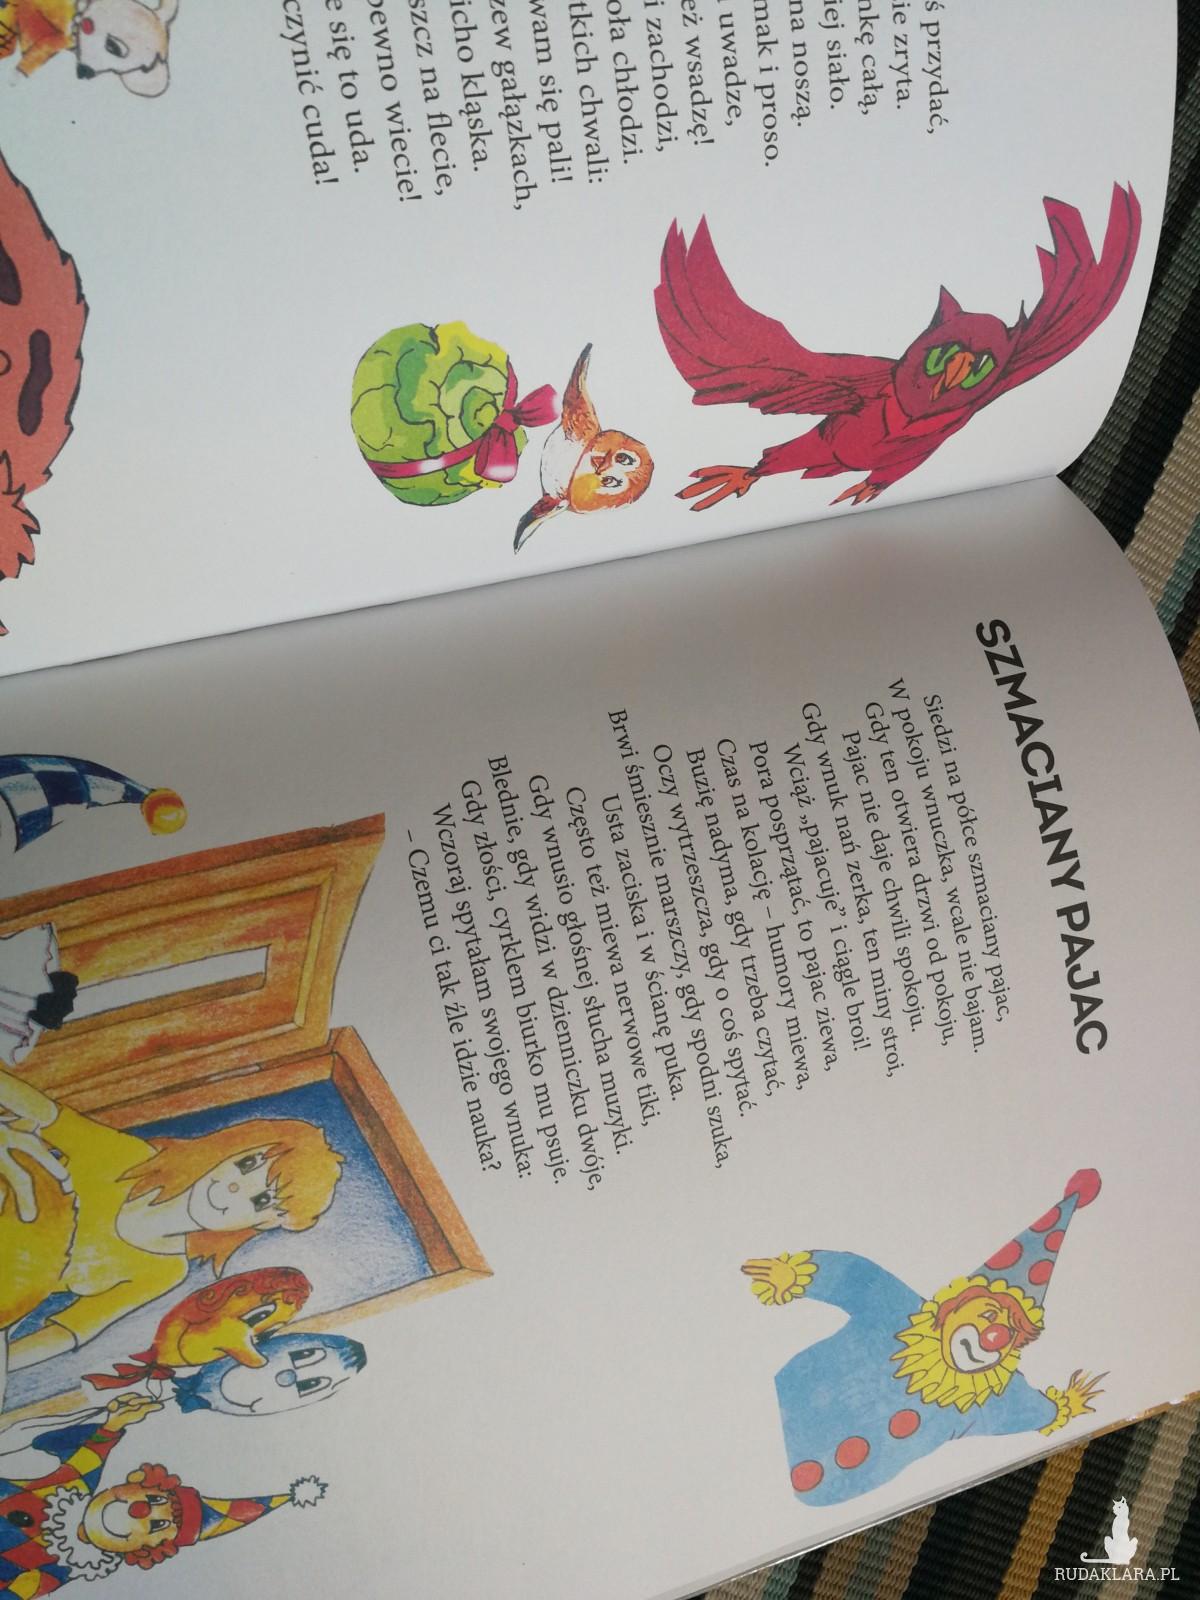 Barbajki kubusiowe wierszyki to książeczka dla dzieci z niezwykle dowcipnymi wierszykami